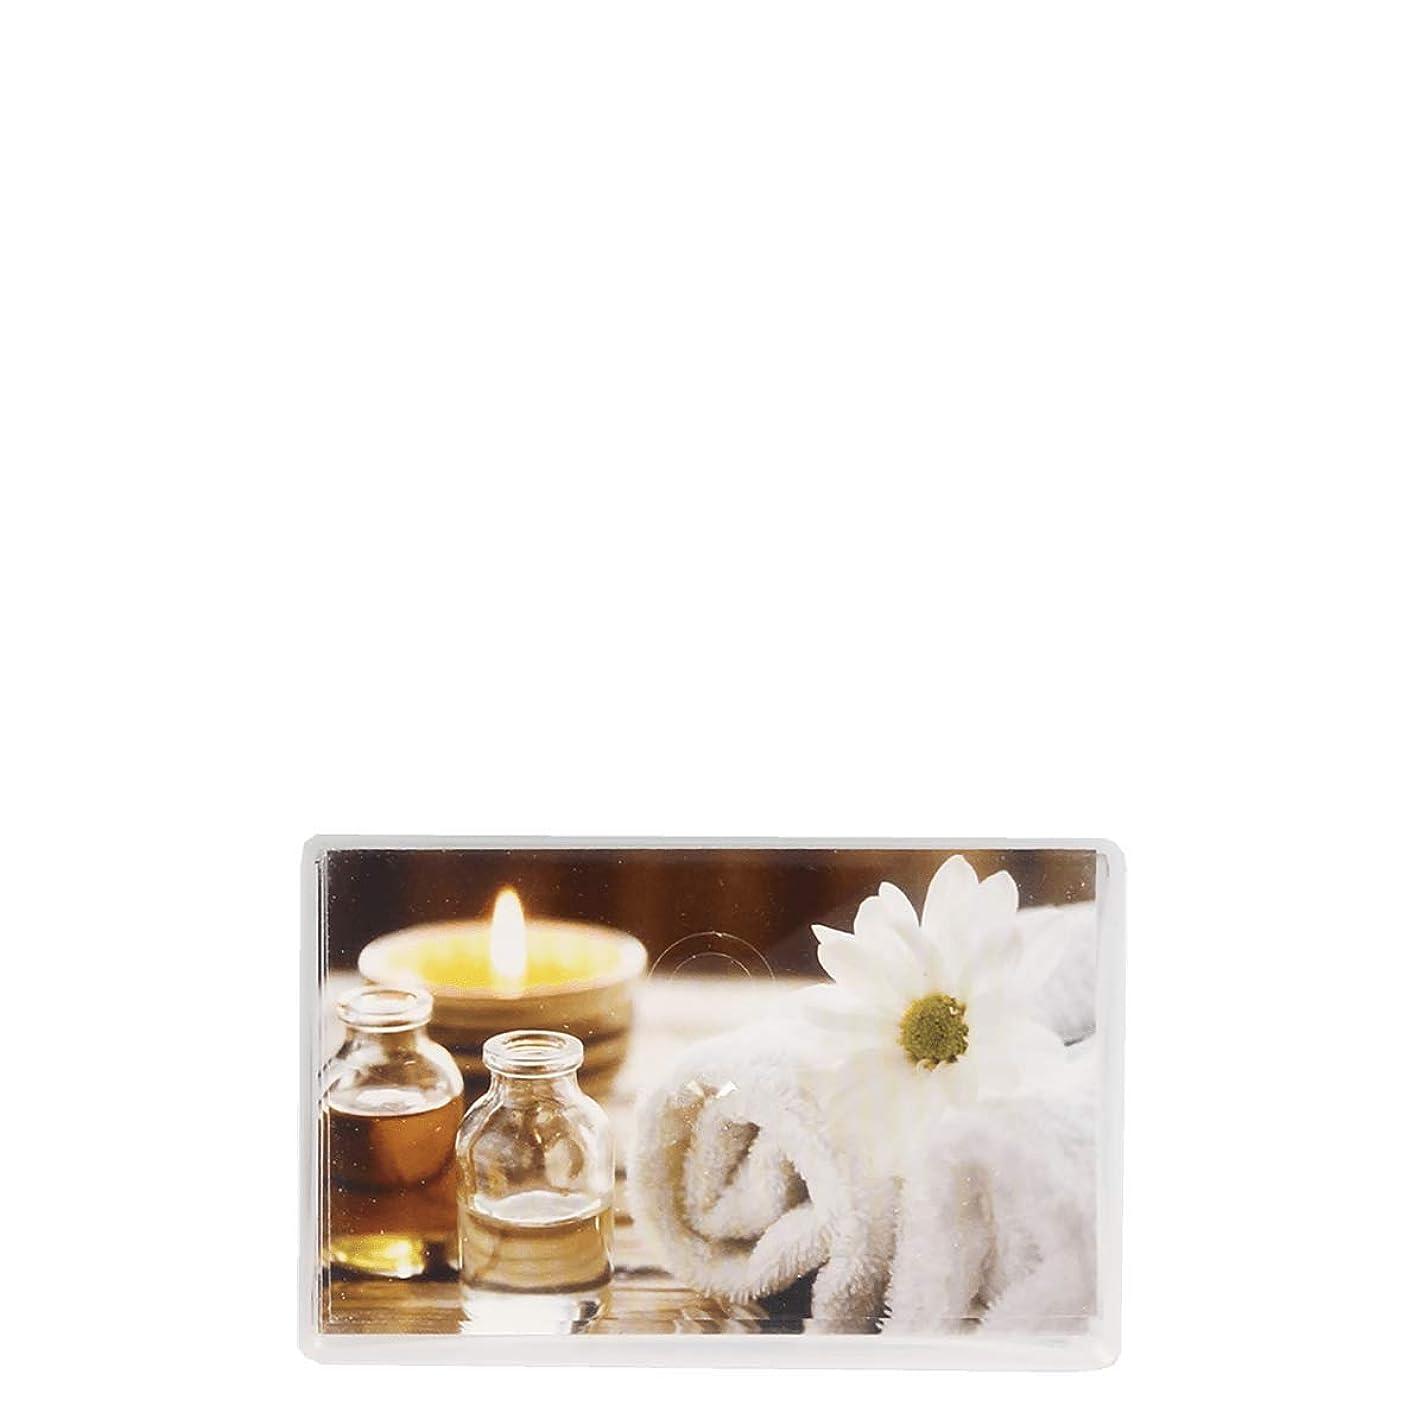 シリンダー考えるビデオアポイントメントカード Appointment cards- AP5B BEAUTY DAISY CARDS x100[海外直送品] [並行輸入品]